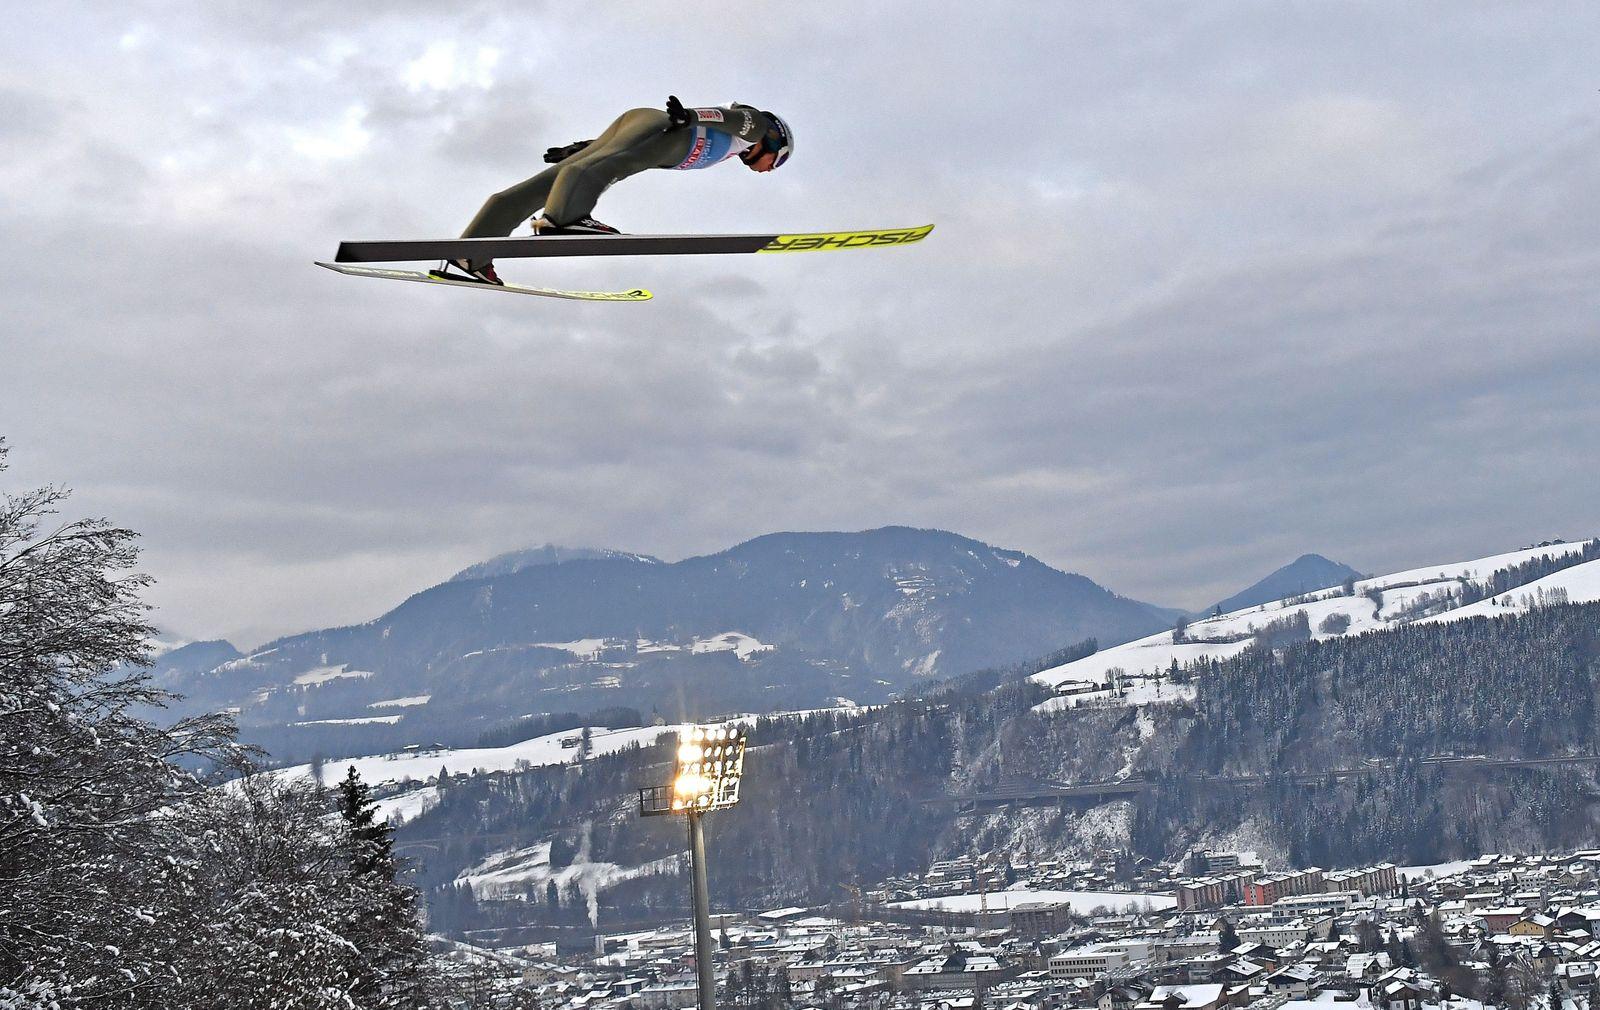 69th Four Hills Tournament, Bischofshofen, Austria - 06 Jan 2021